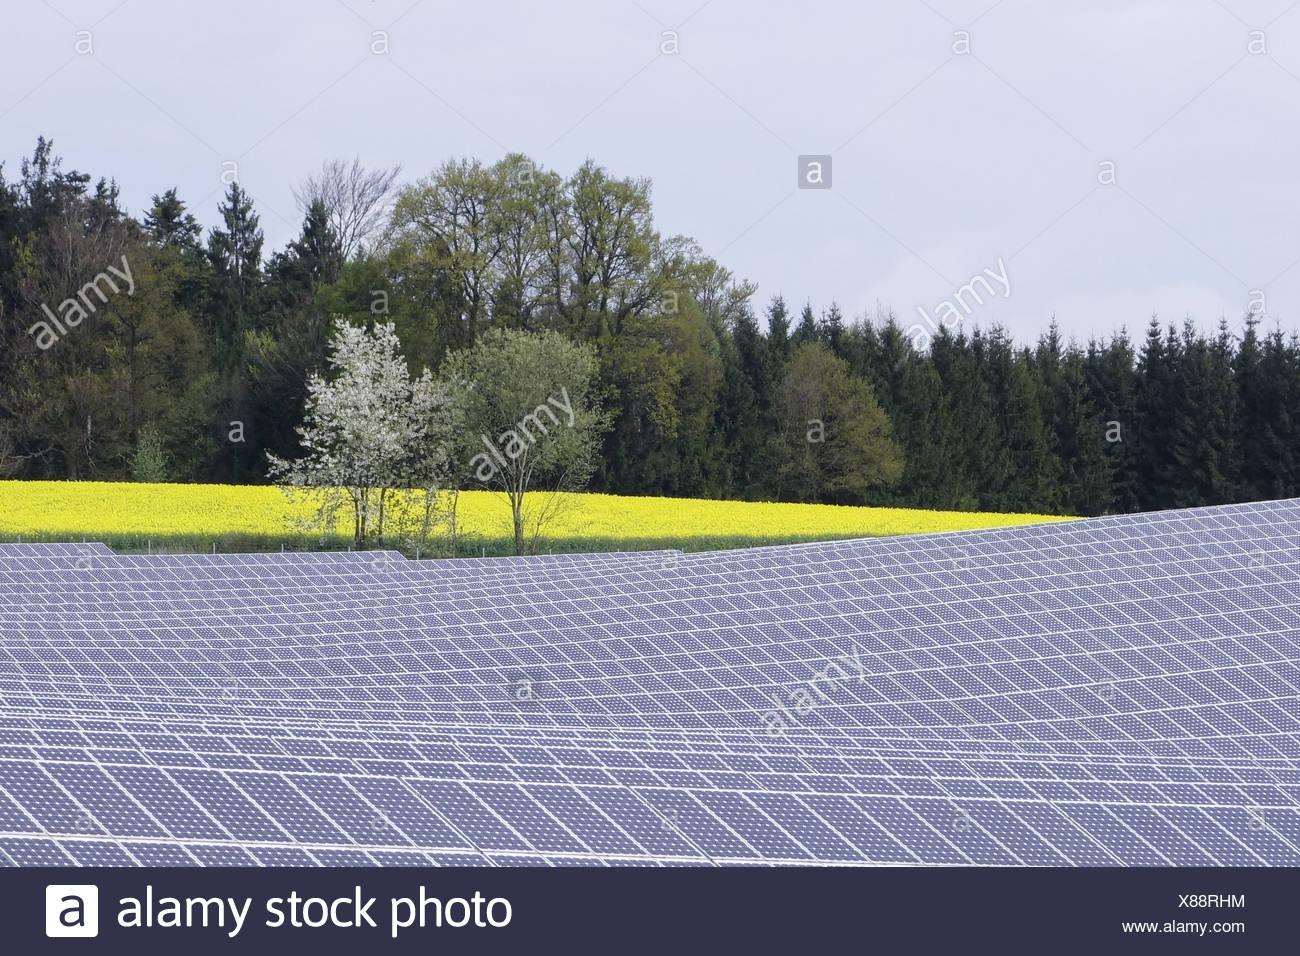 Solarfeld in Niederbayern, Bayern, Deutschland, Europa Stock Photo